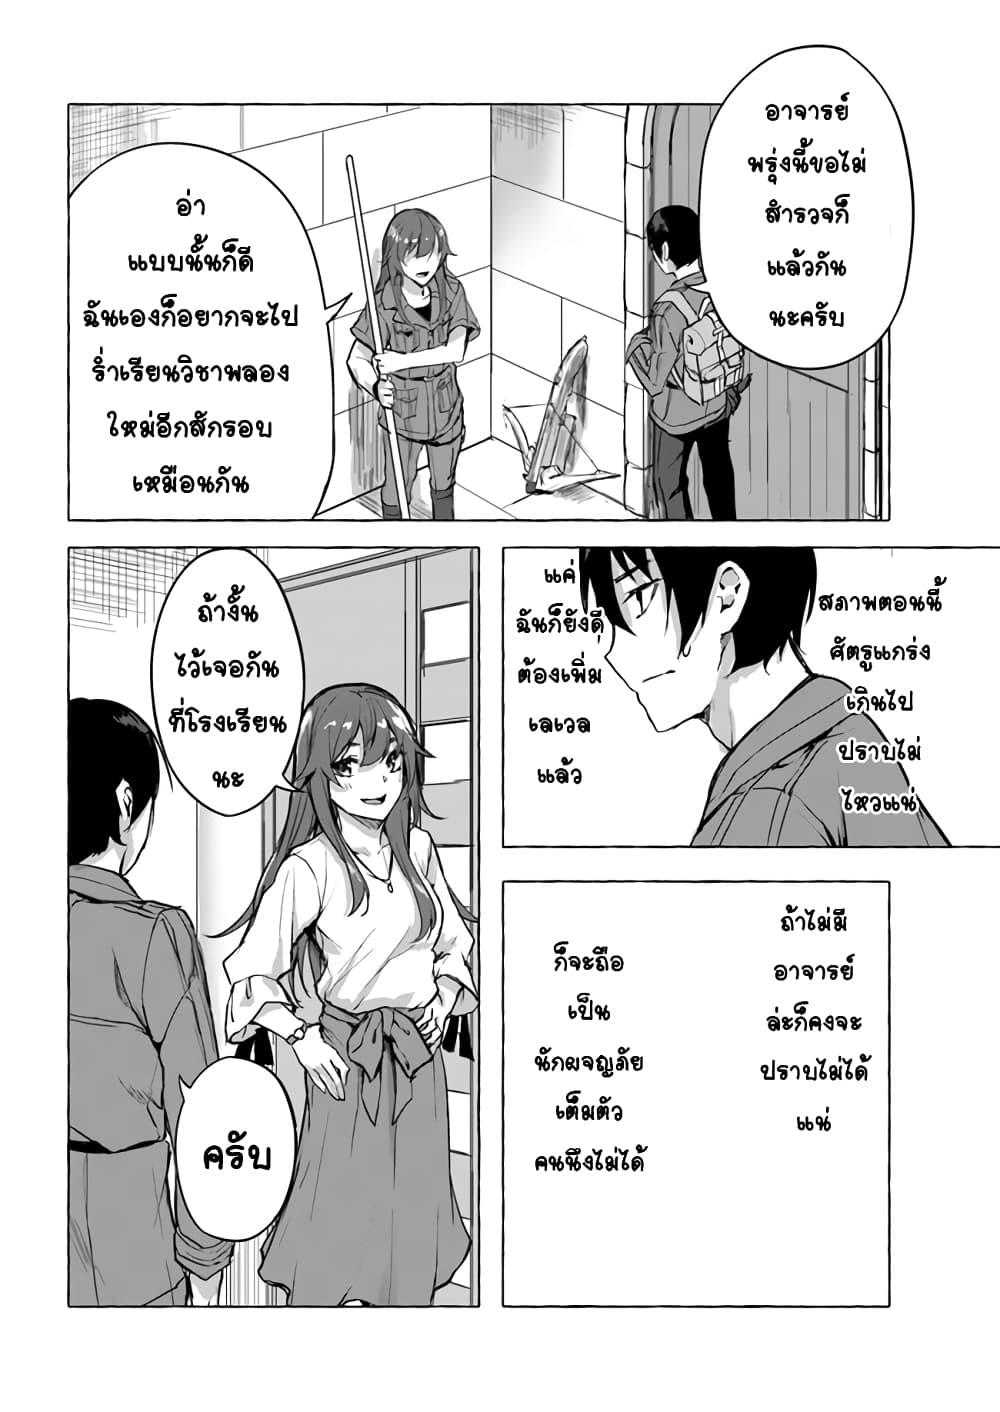 อ่านการ์ตูน Sex and Dungeon! ตอนที่ 8 หน้าที่ 22